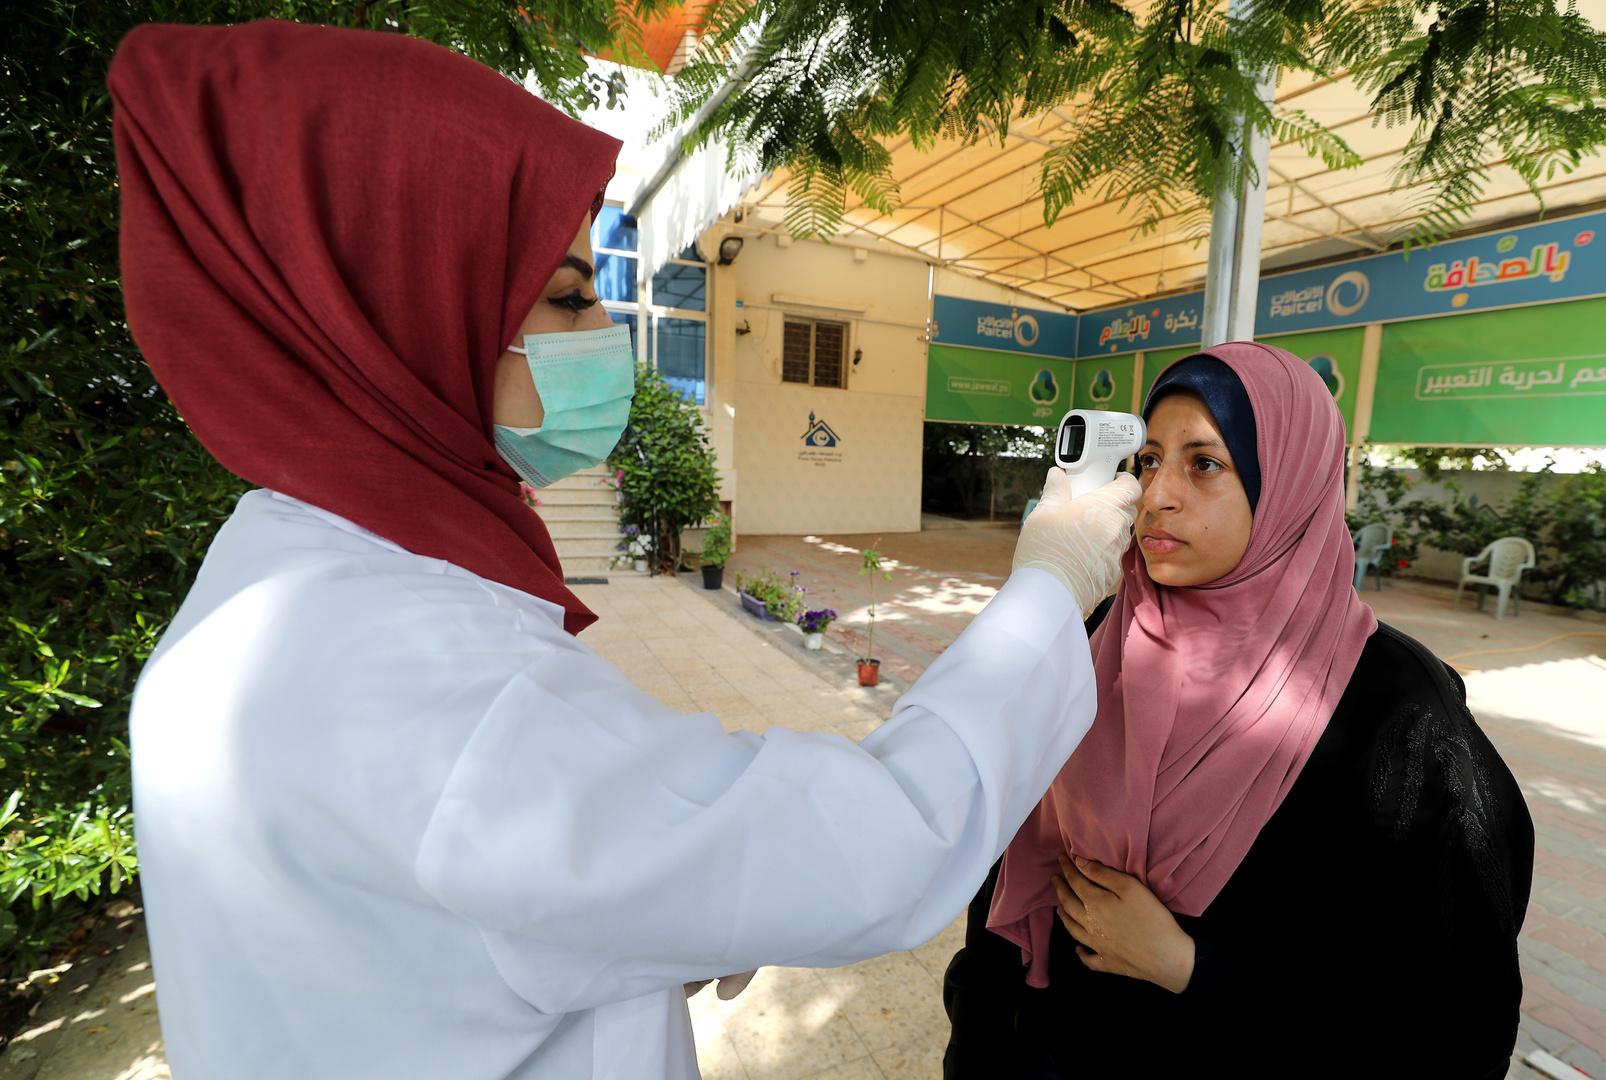 الصحة الفلسطينية تحذر من وضع كارثي ينتظر أهالي قطاع غزة